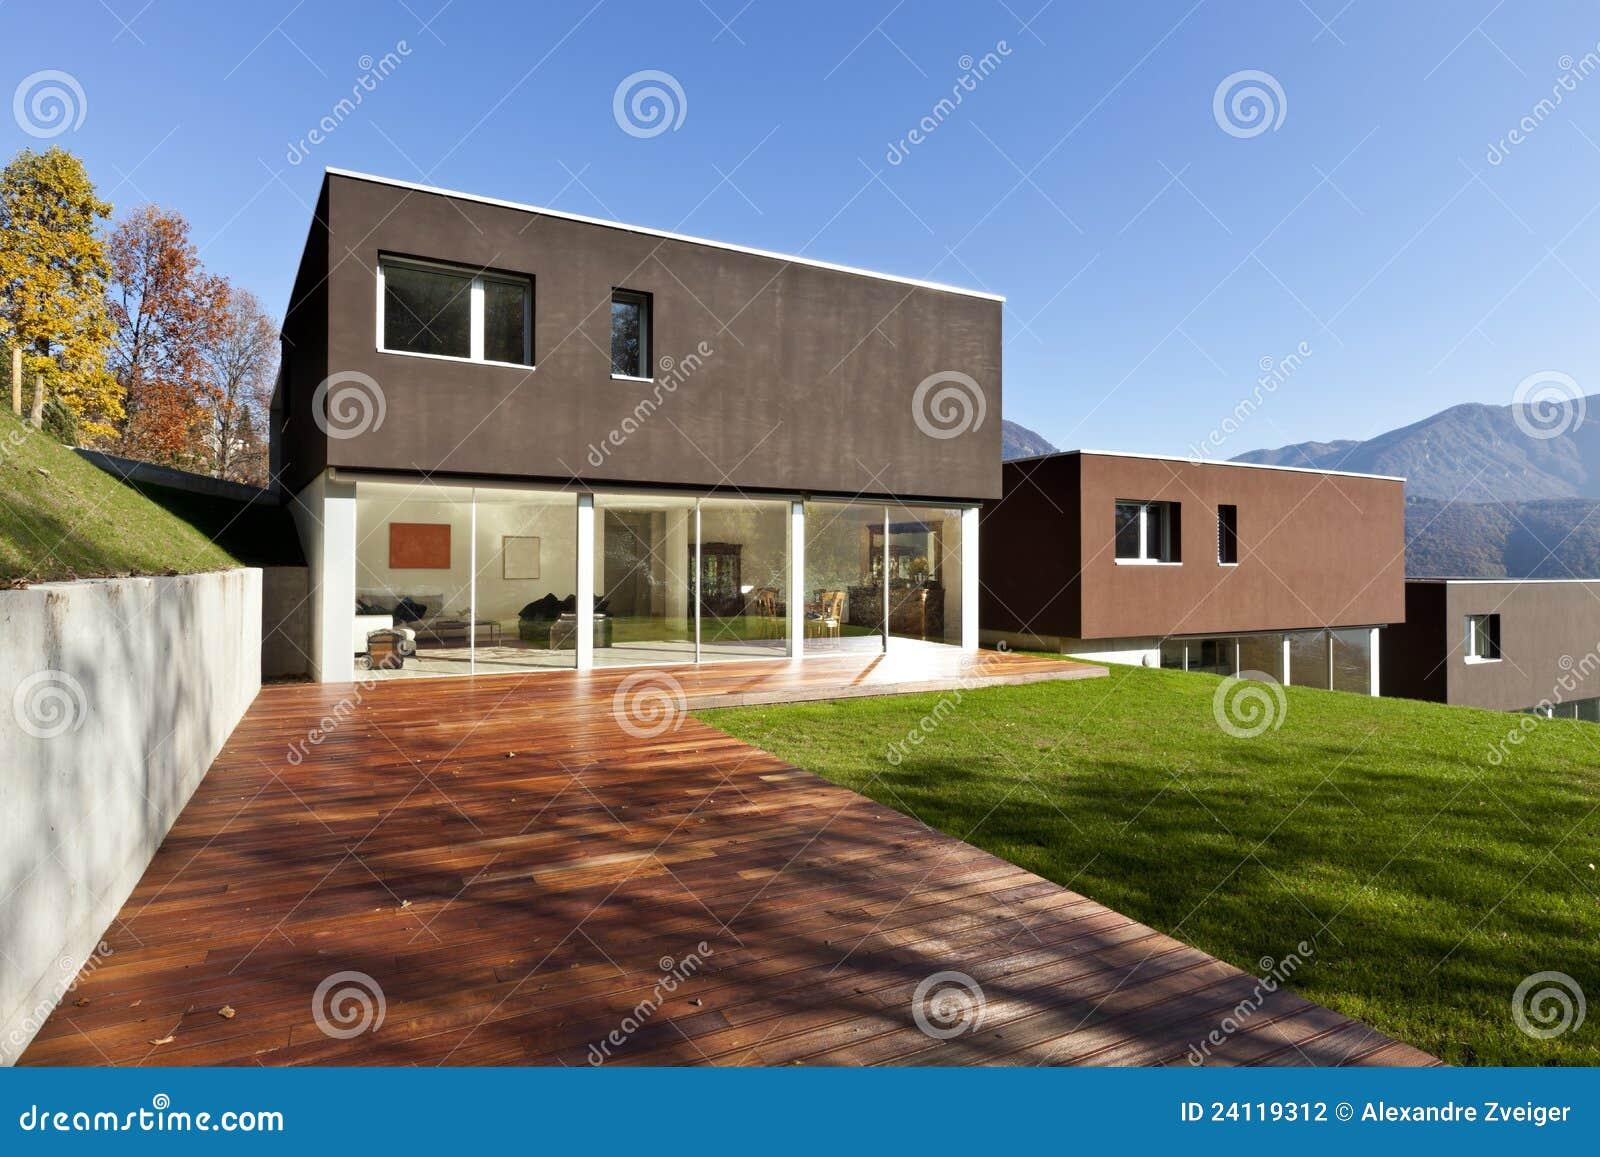 Case moderne con il giardino fotografia stock immagine - Foto di case moderne esterni ...